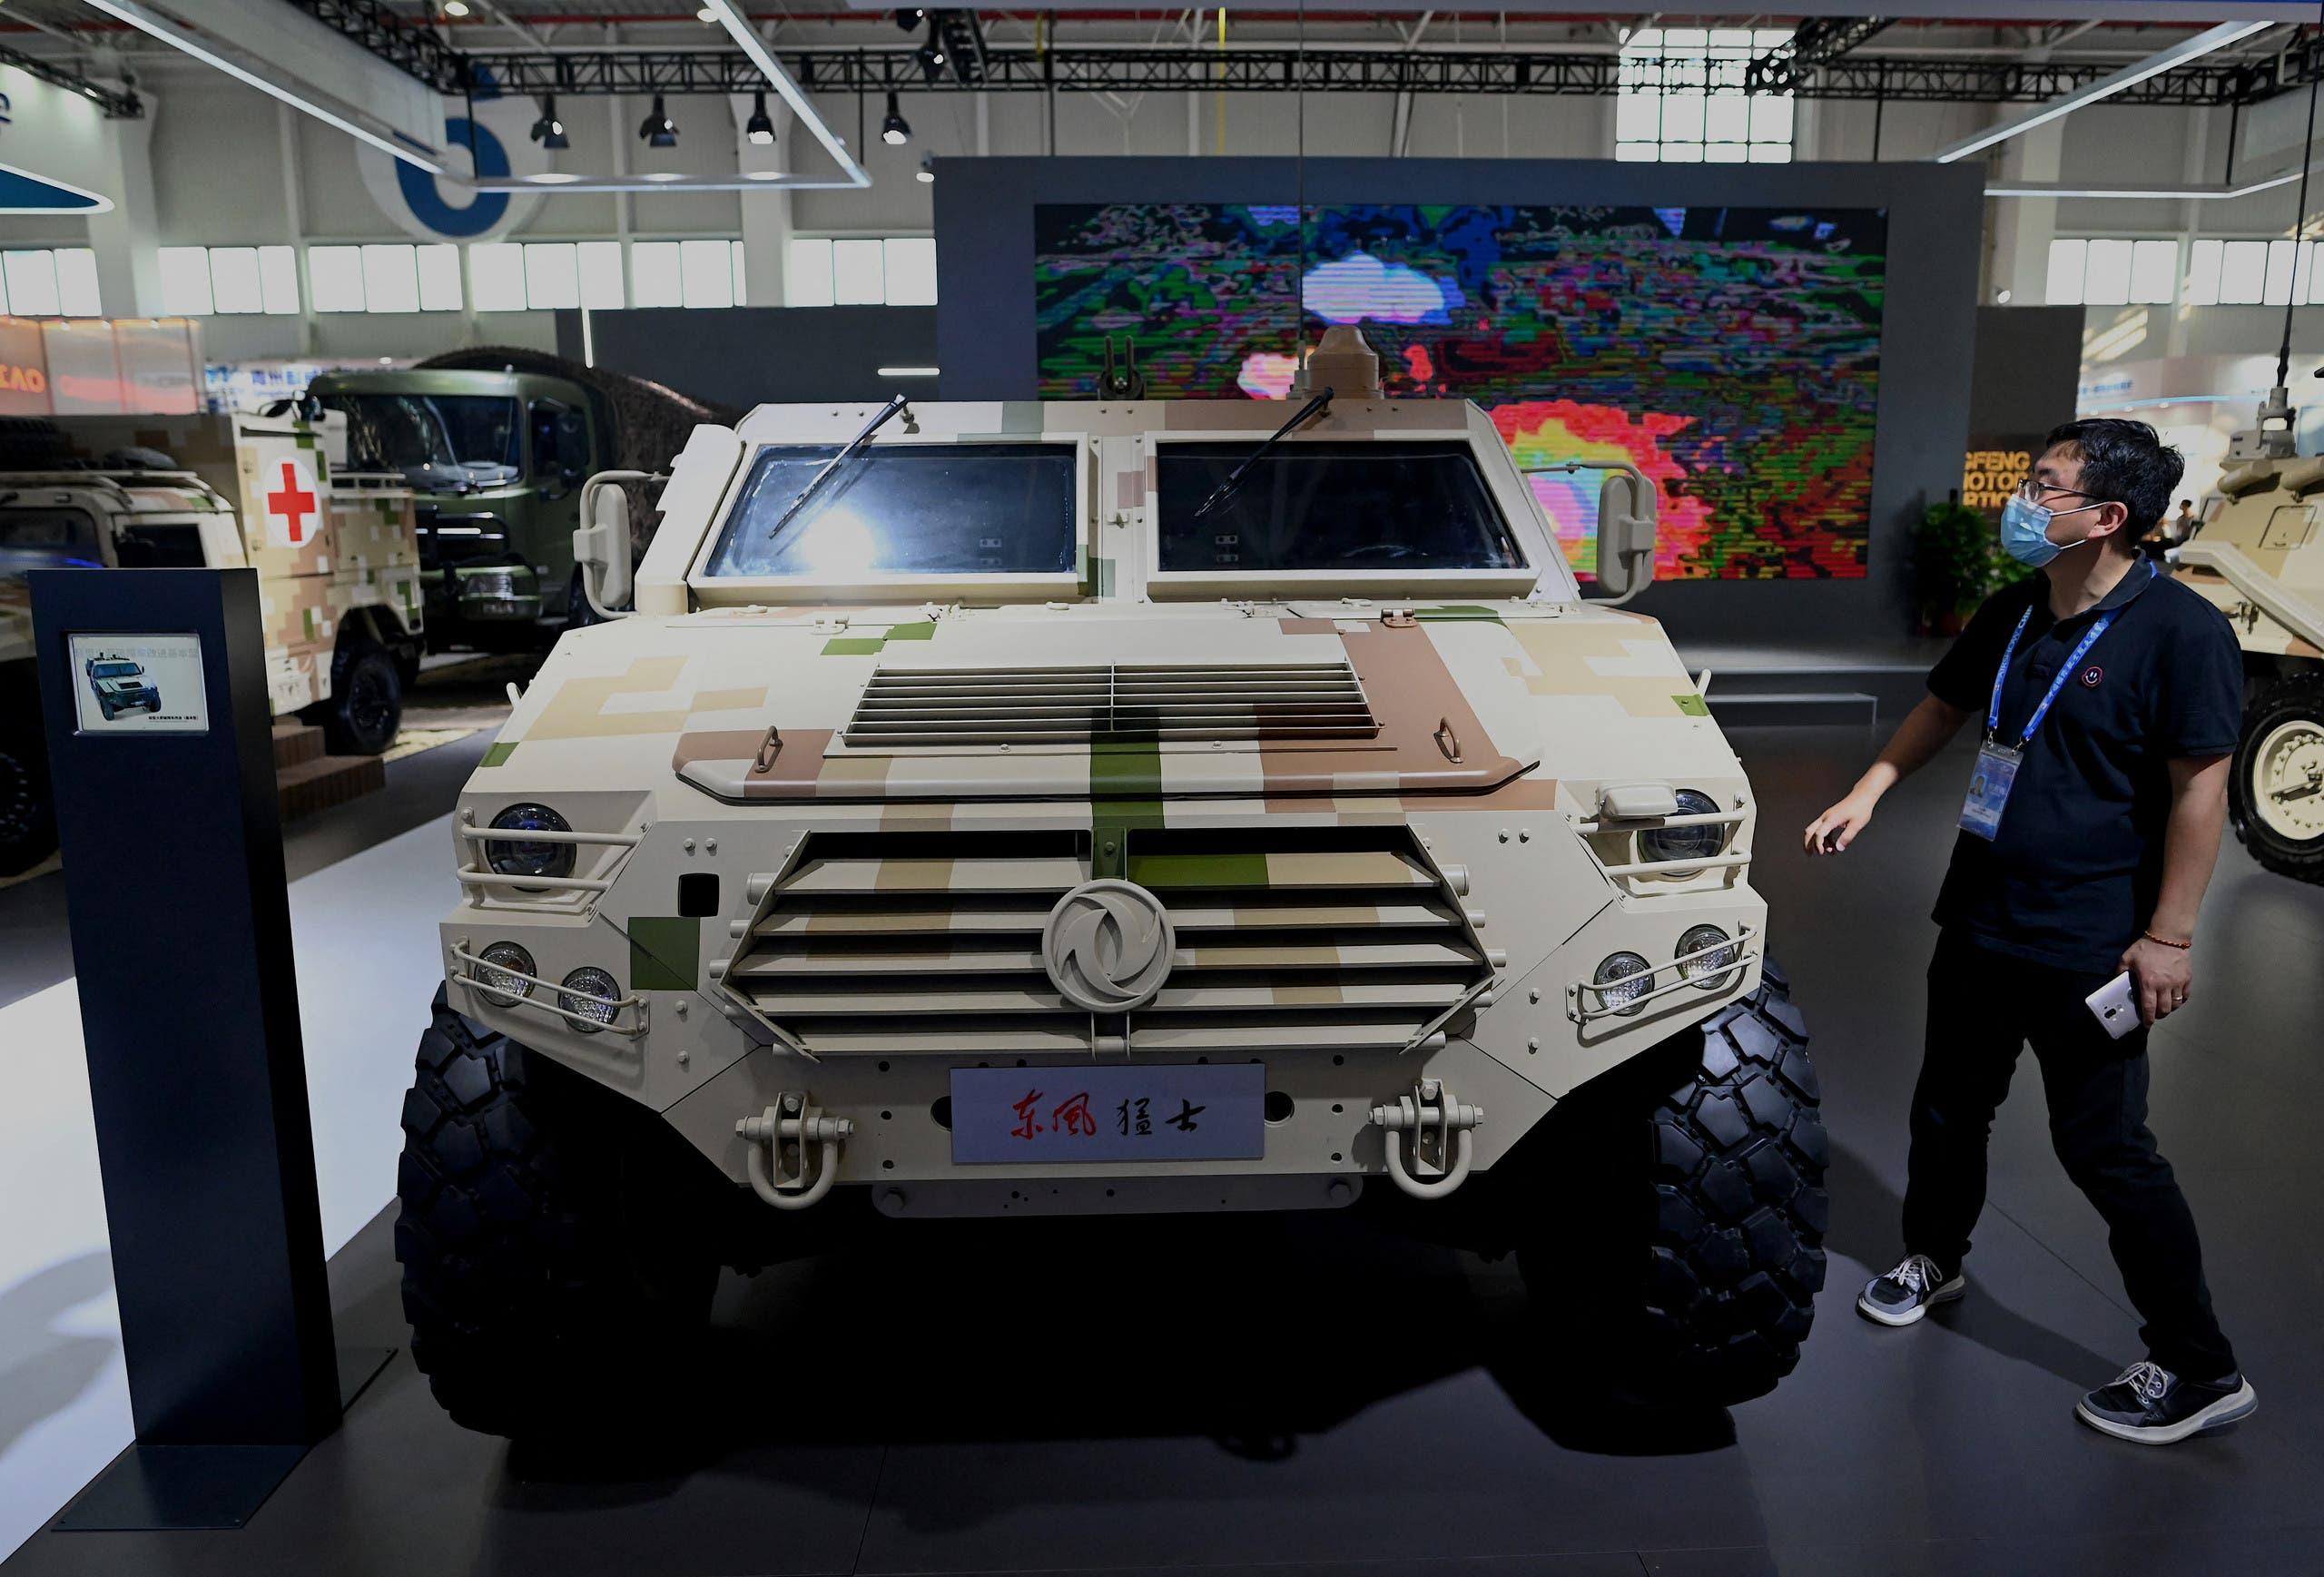 معجات عسكرية في معرض تشوهاي الجوي